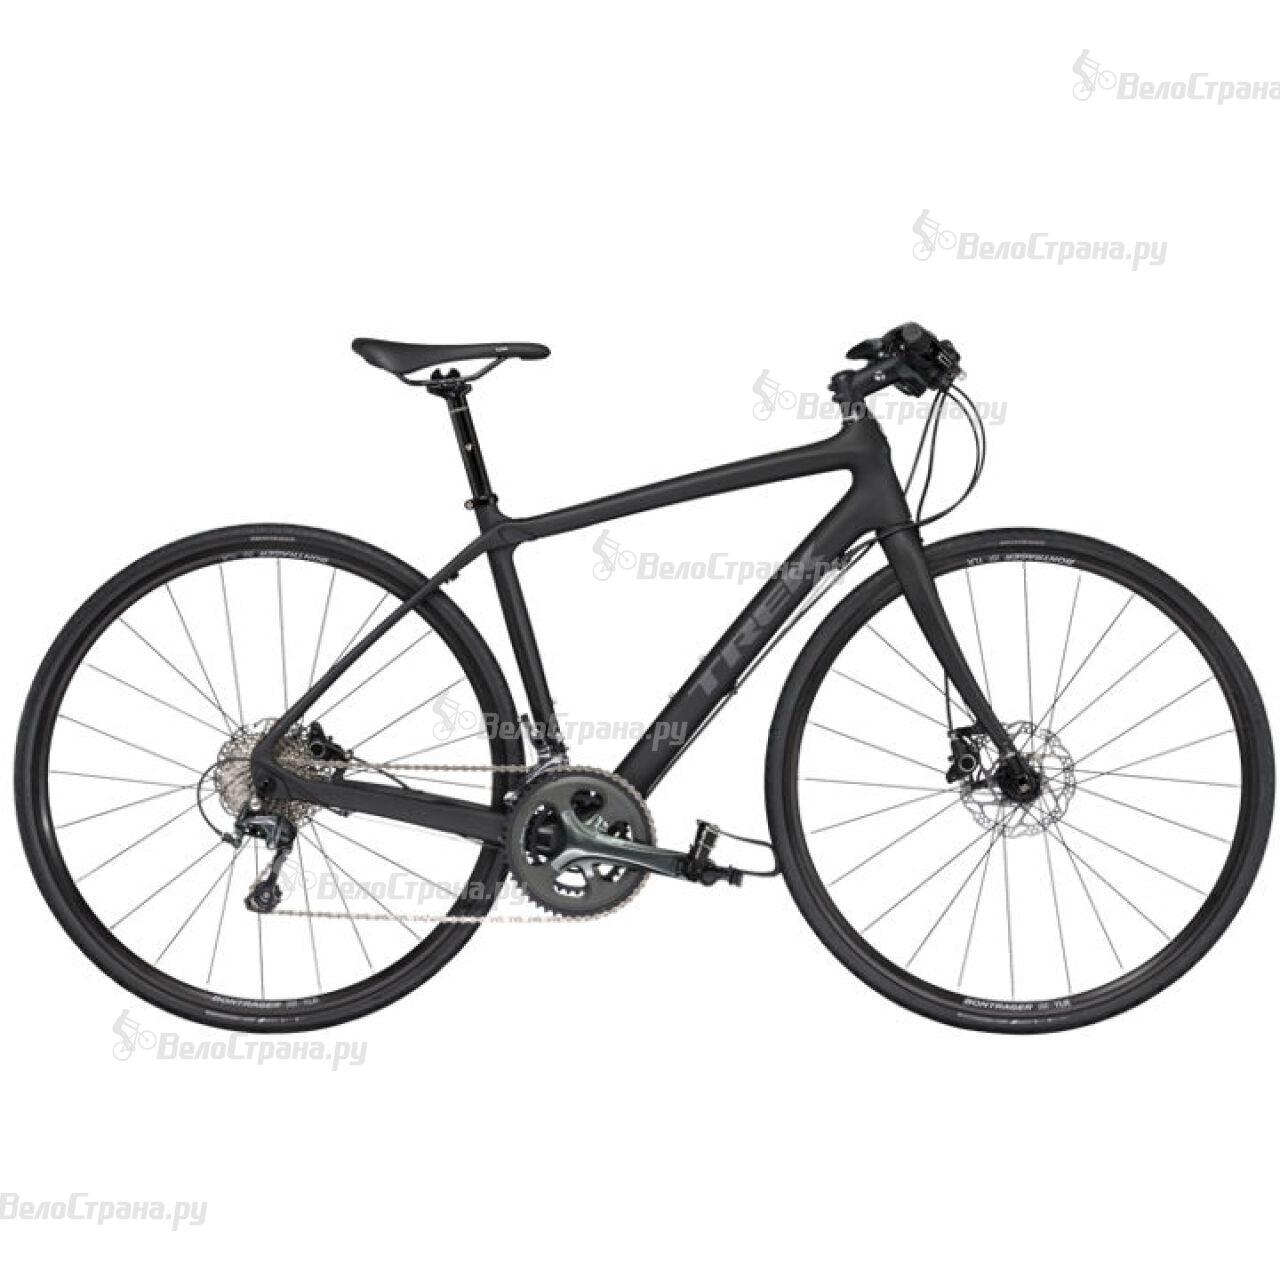 Велосипед Trek FX S 5 WSD (2017)